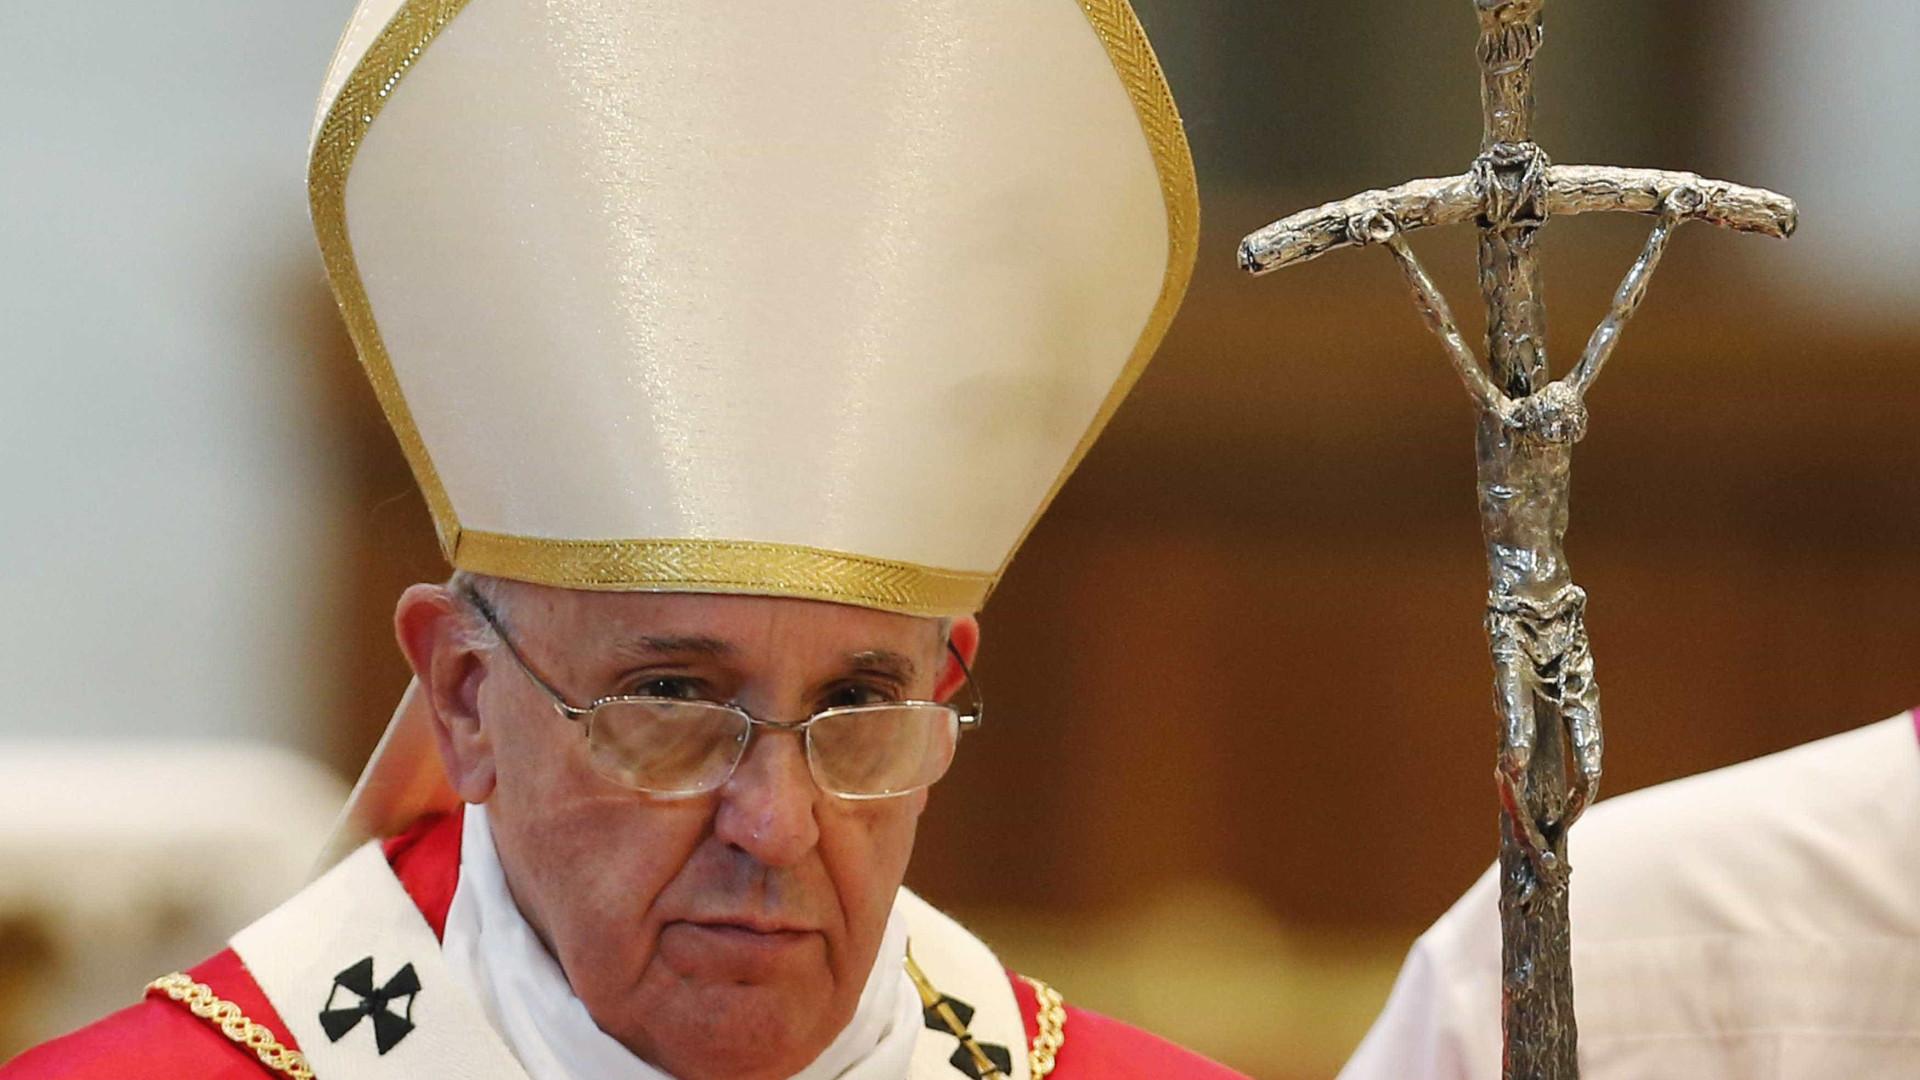 Trinta anos, três visitas papais a Fátima. Esta é a vez de Francisco